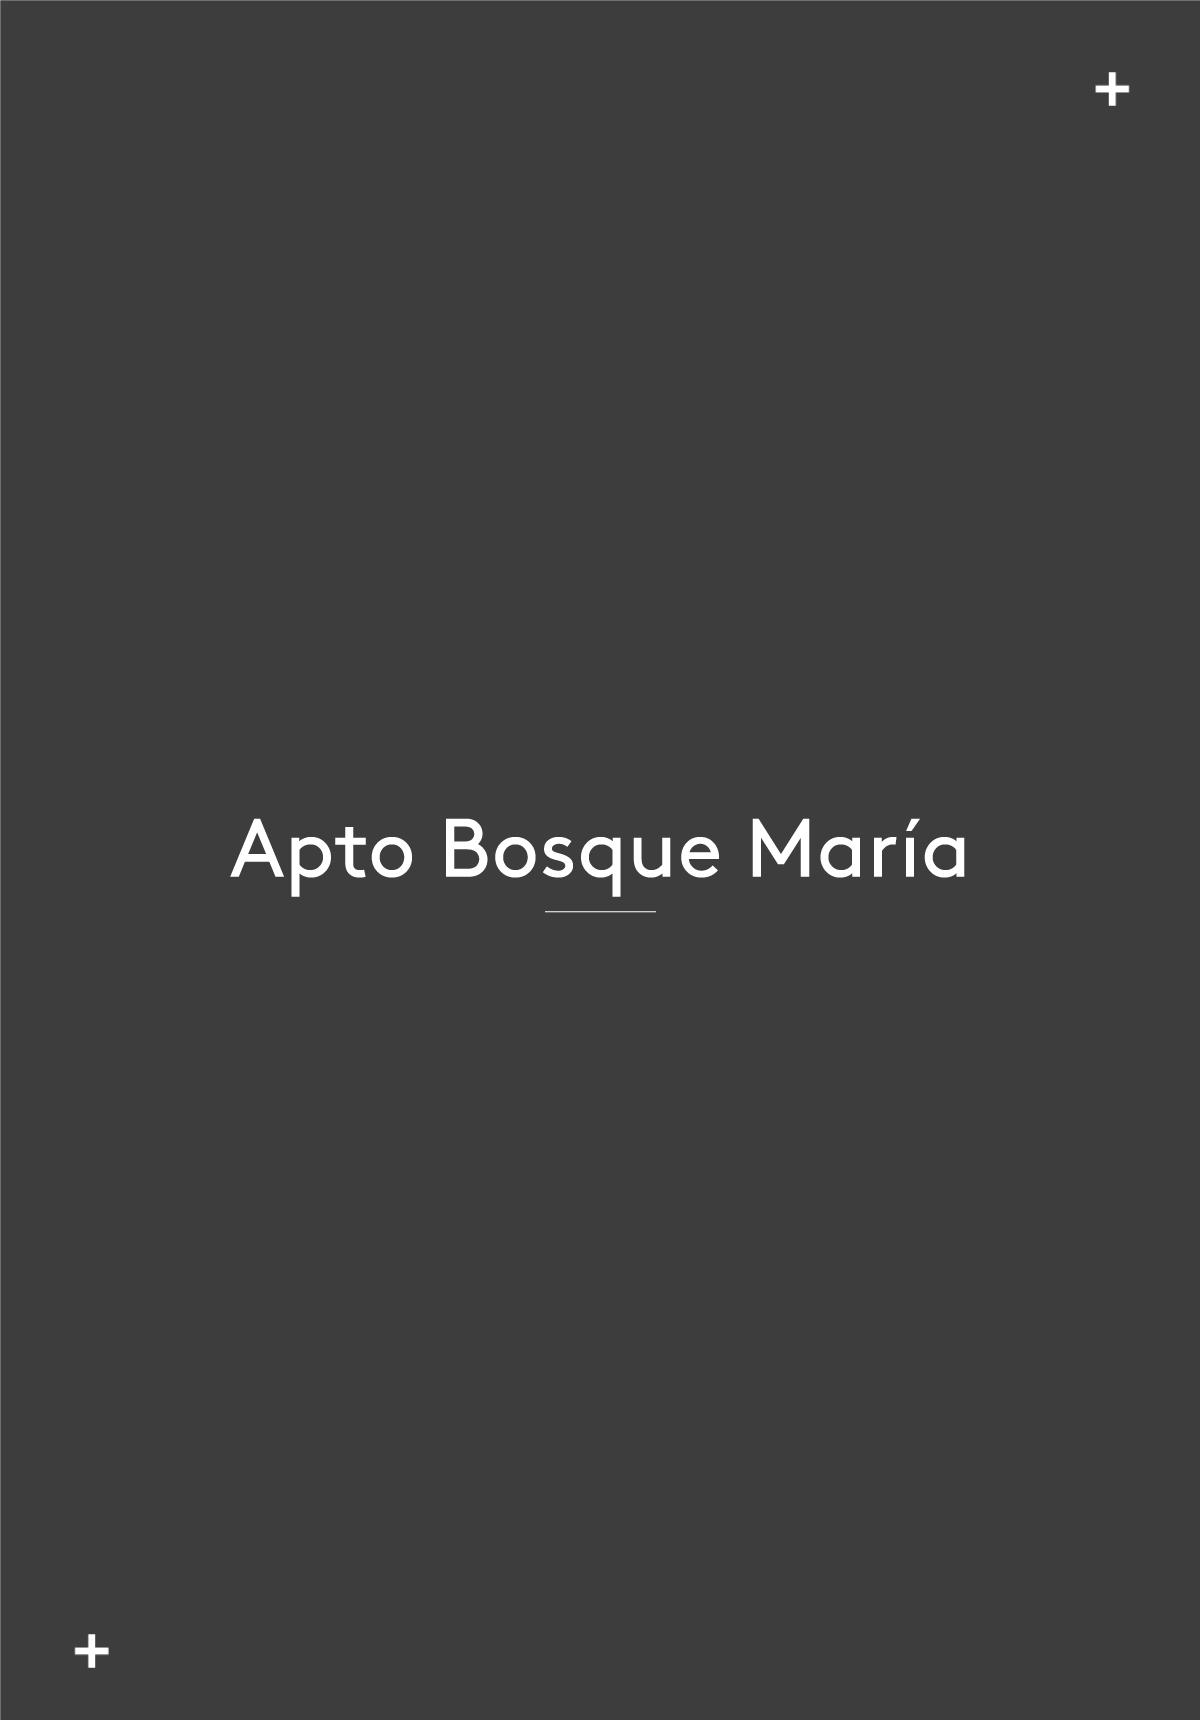 Apto-Bosque-Maria